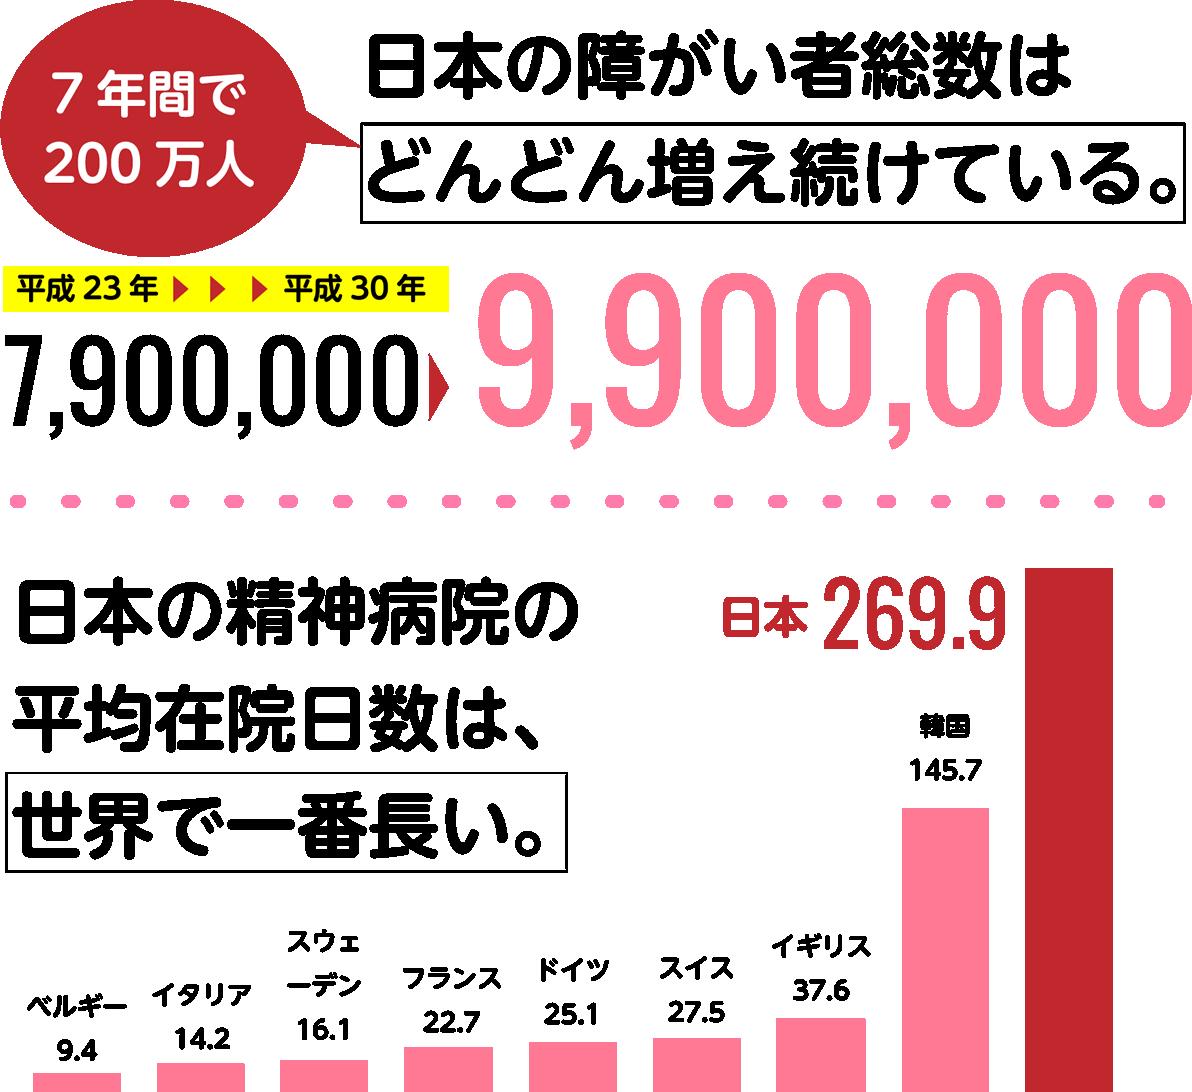 図 - 日本の障がい者総数は どんどん増え続けている。